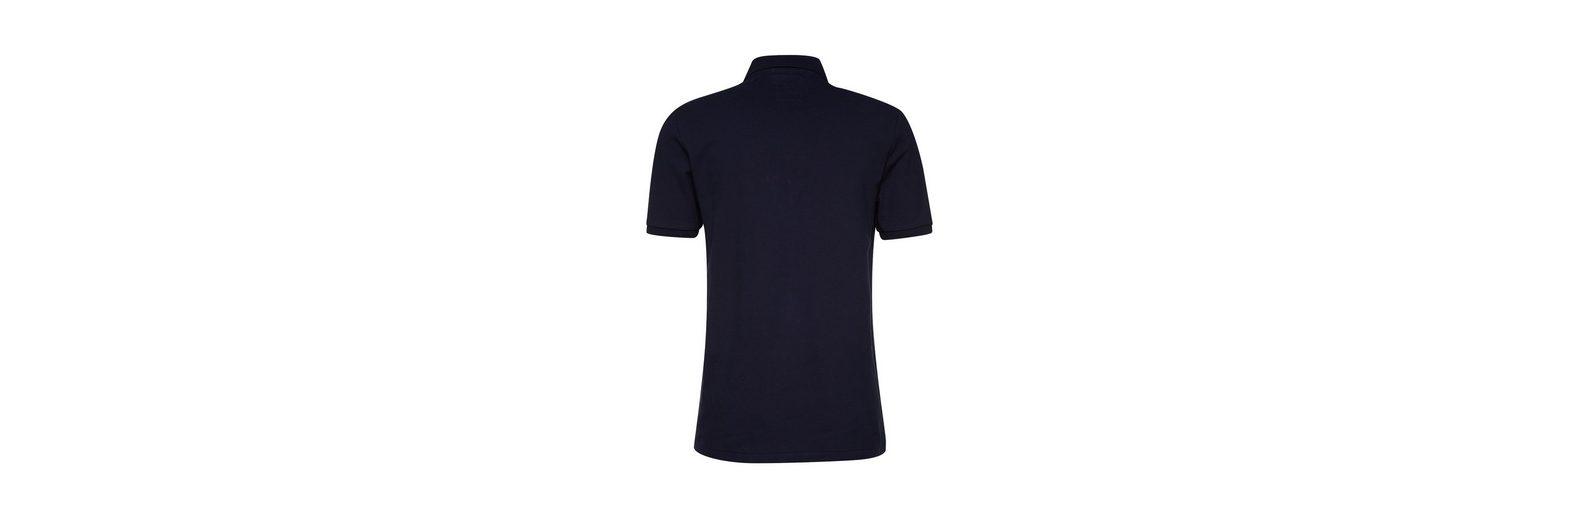 Finden Große Günstig Online G-Star RAW Poloshirt Dunda 2018 Günstiger Preis Sonnenschein ViSStS7Odq